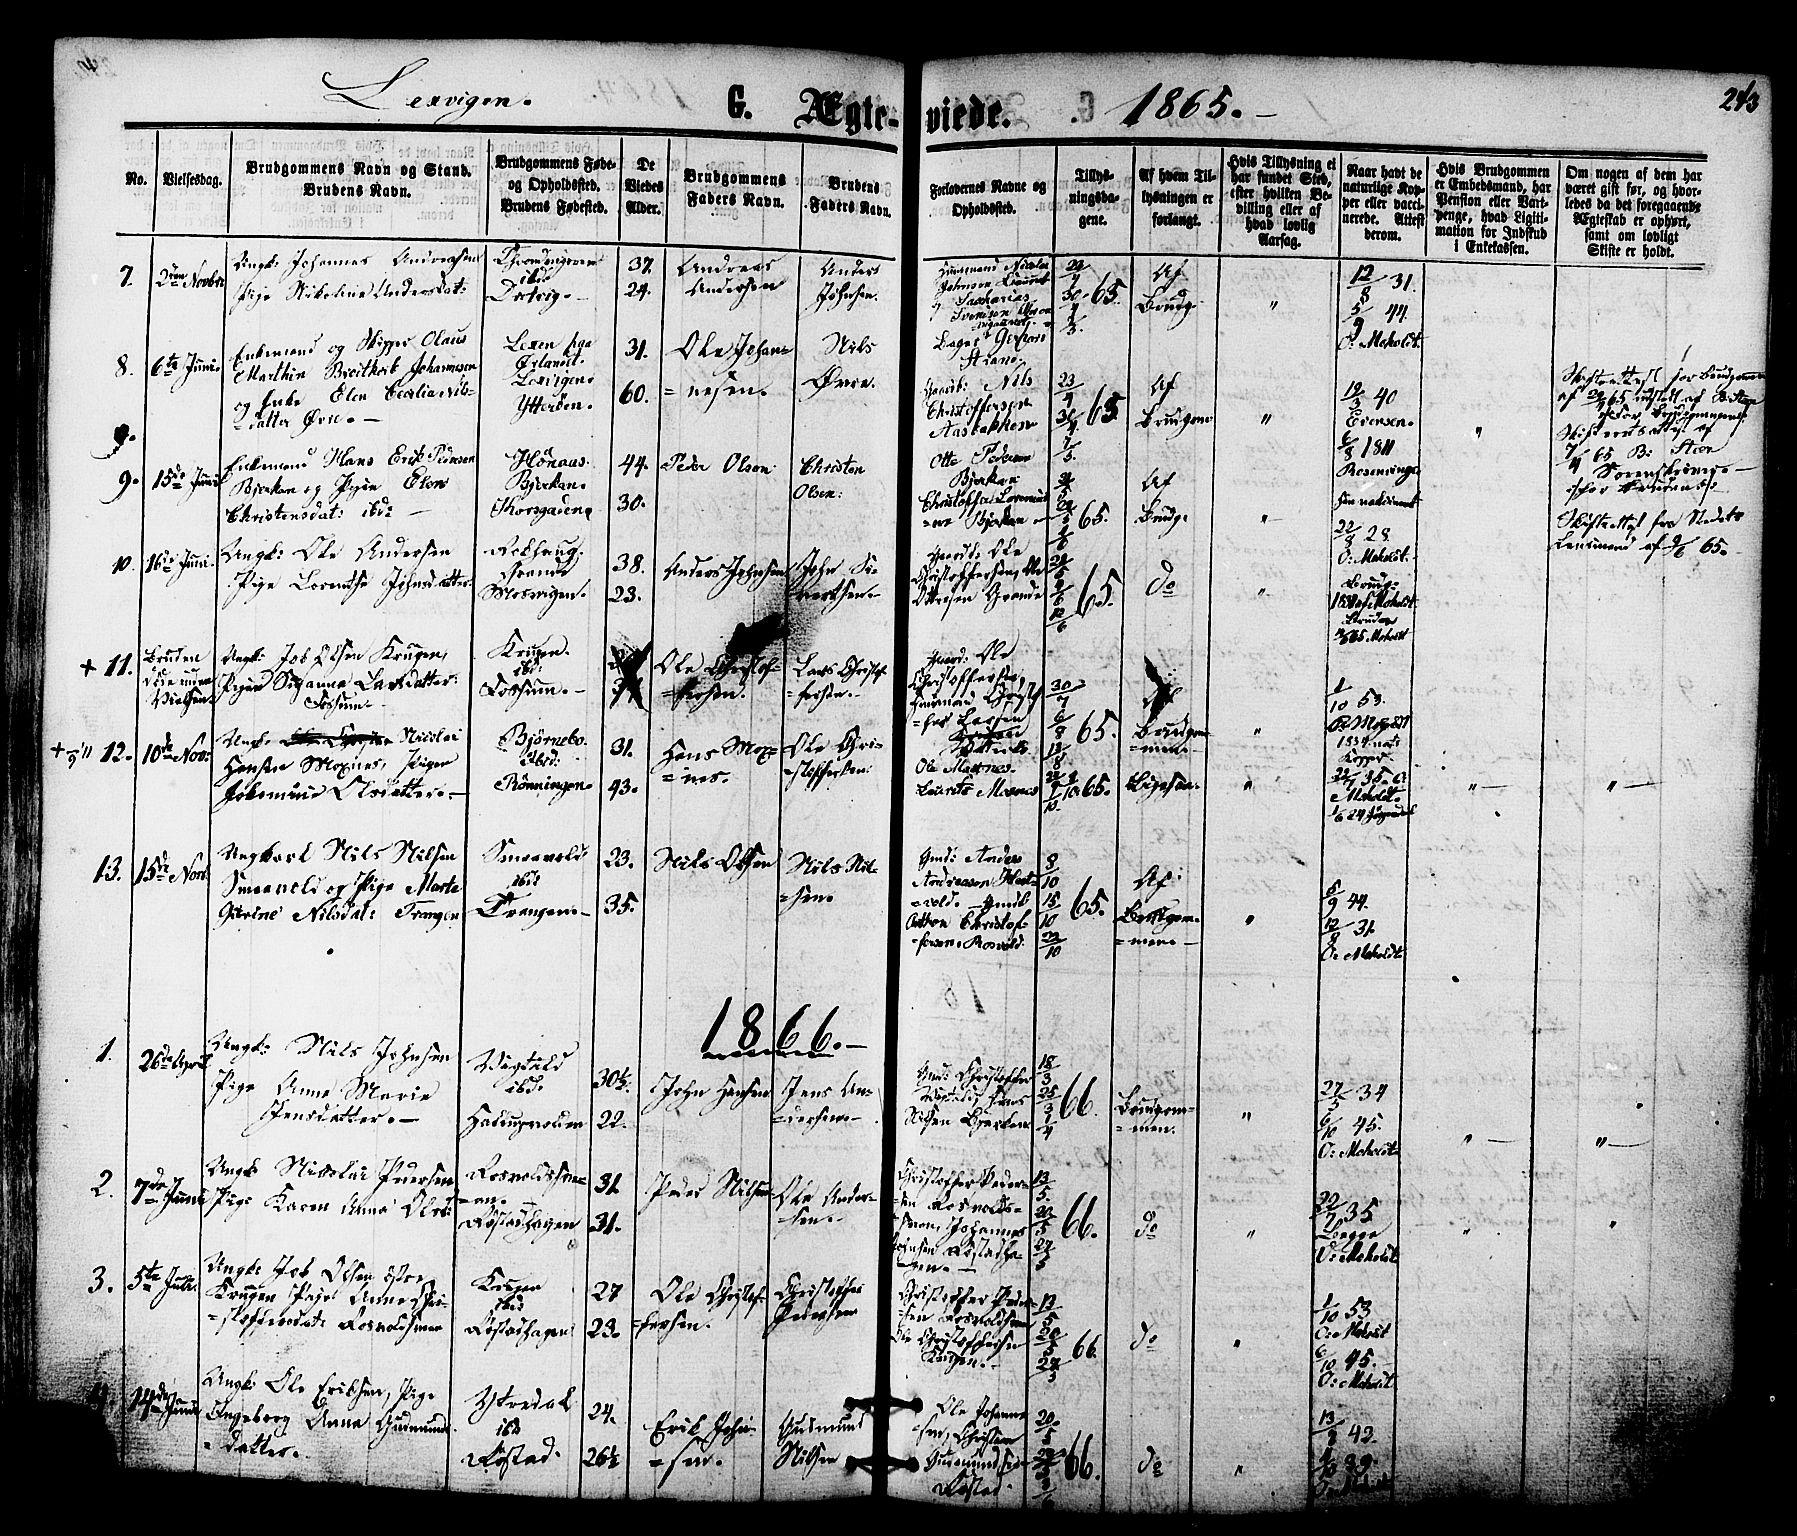 SAT, Ministerialprotokoller, klokkerbøker og fødselsregistre - Nord-Trøndelag, 701/L0009: Ministerialbok nr. 701A09 /1, 1864-1882, s. 243